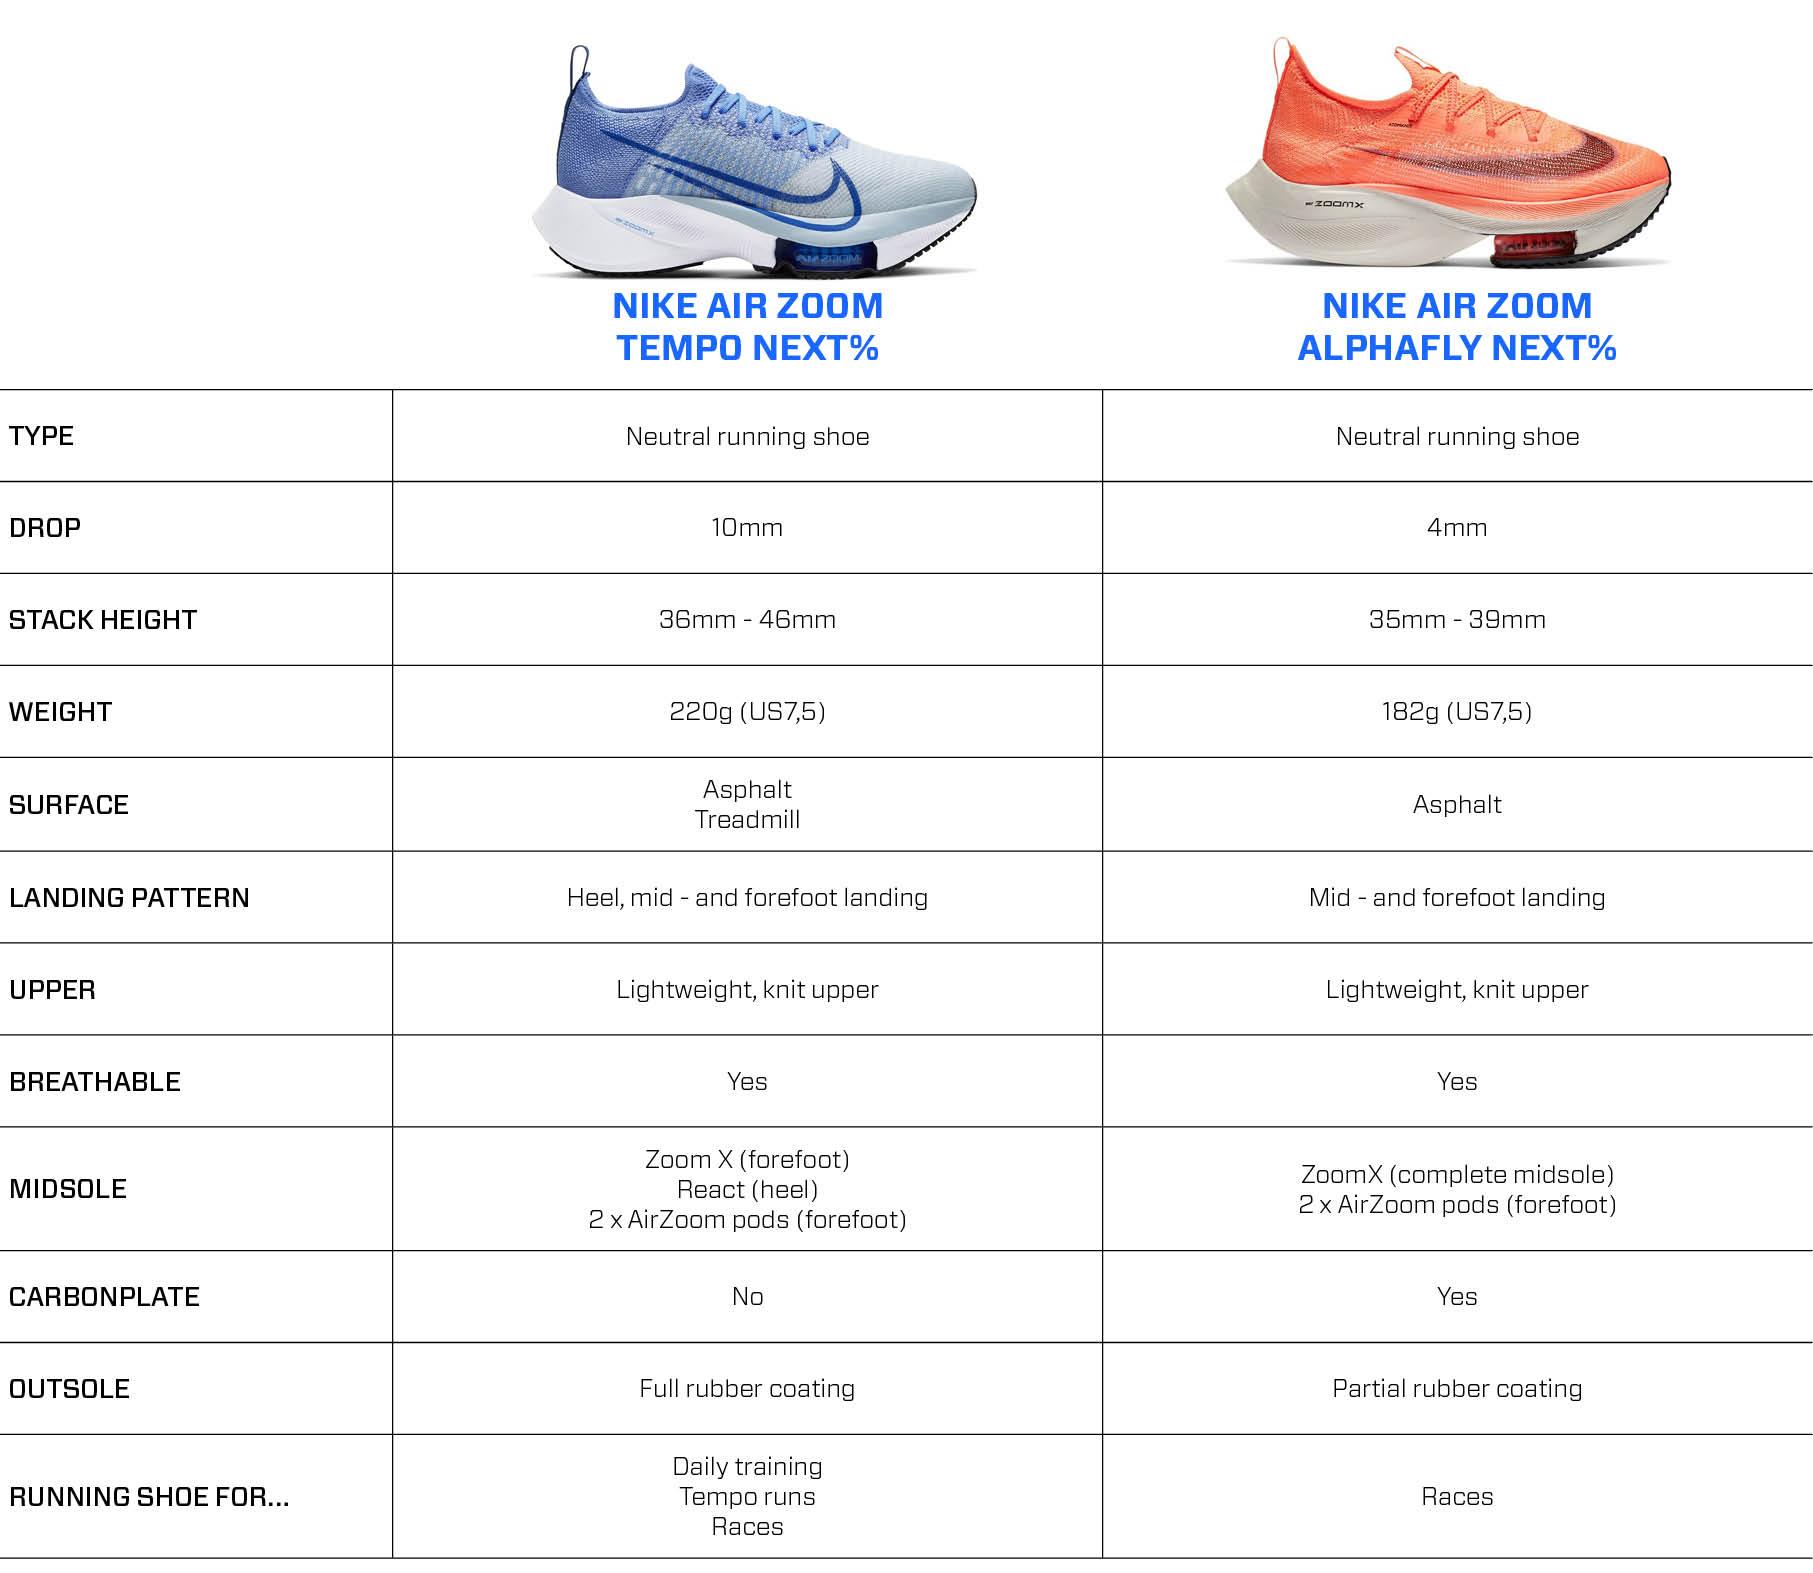 Nike Air Zoom Tempo Next% vs. Nike Air Zoom Alphafly Next%